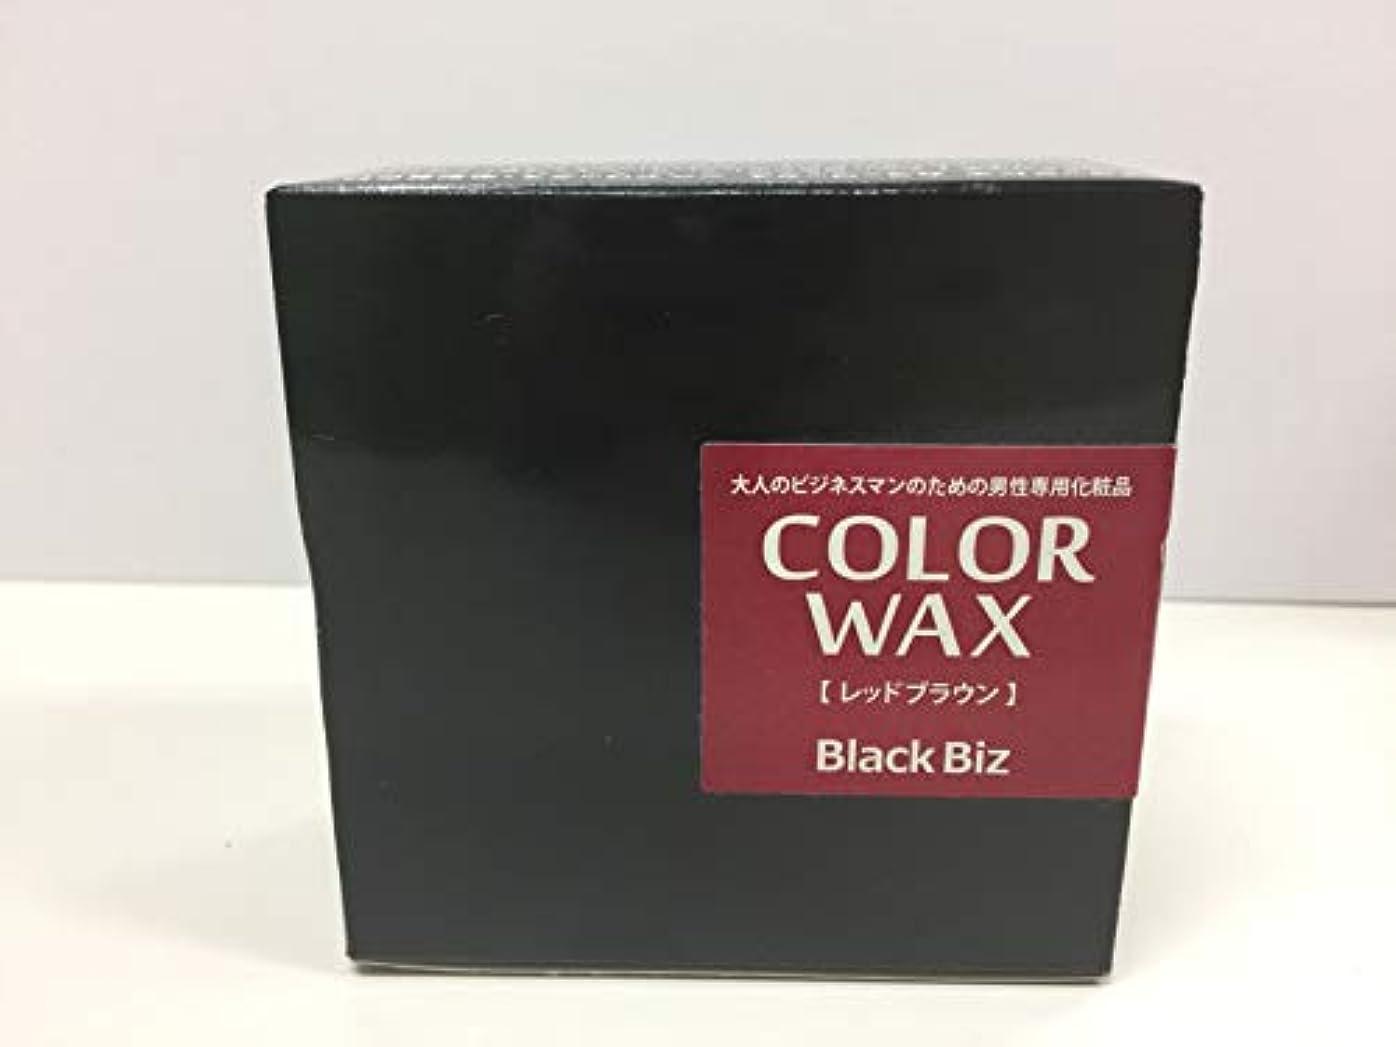 納税者想起かすれた大人のビジネスマンのための男性専用化粧品 BlackBiz COLOR WAX ブラックビズ カラーワックス 【レッドブラウン】